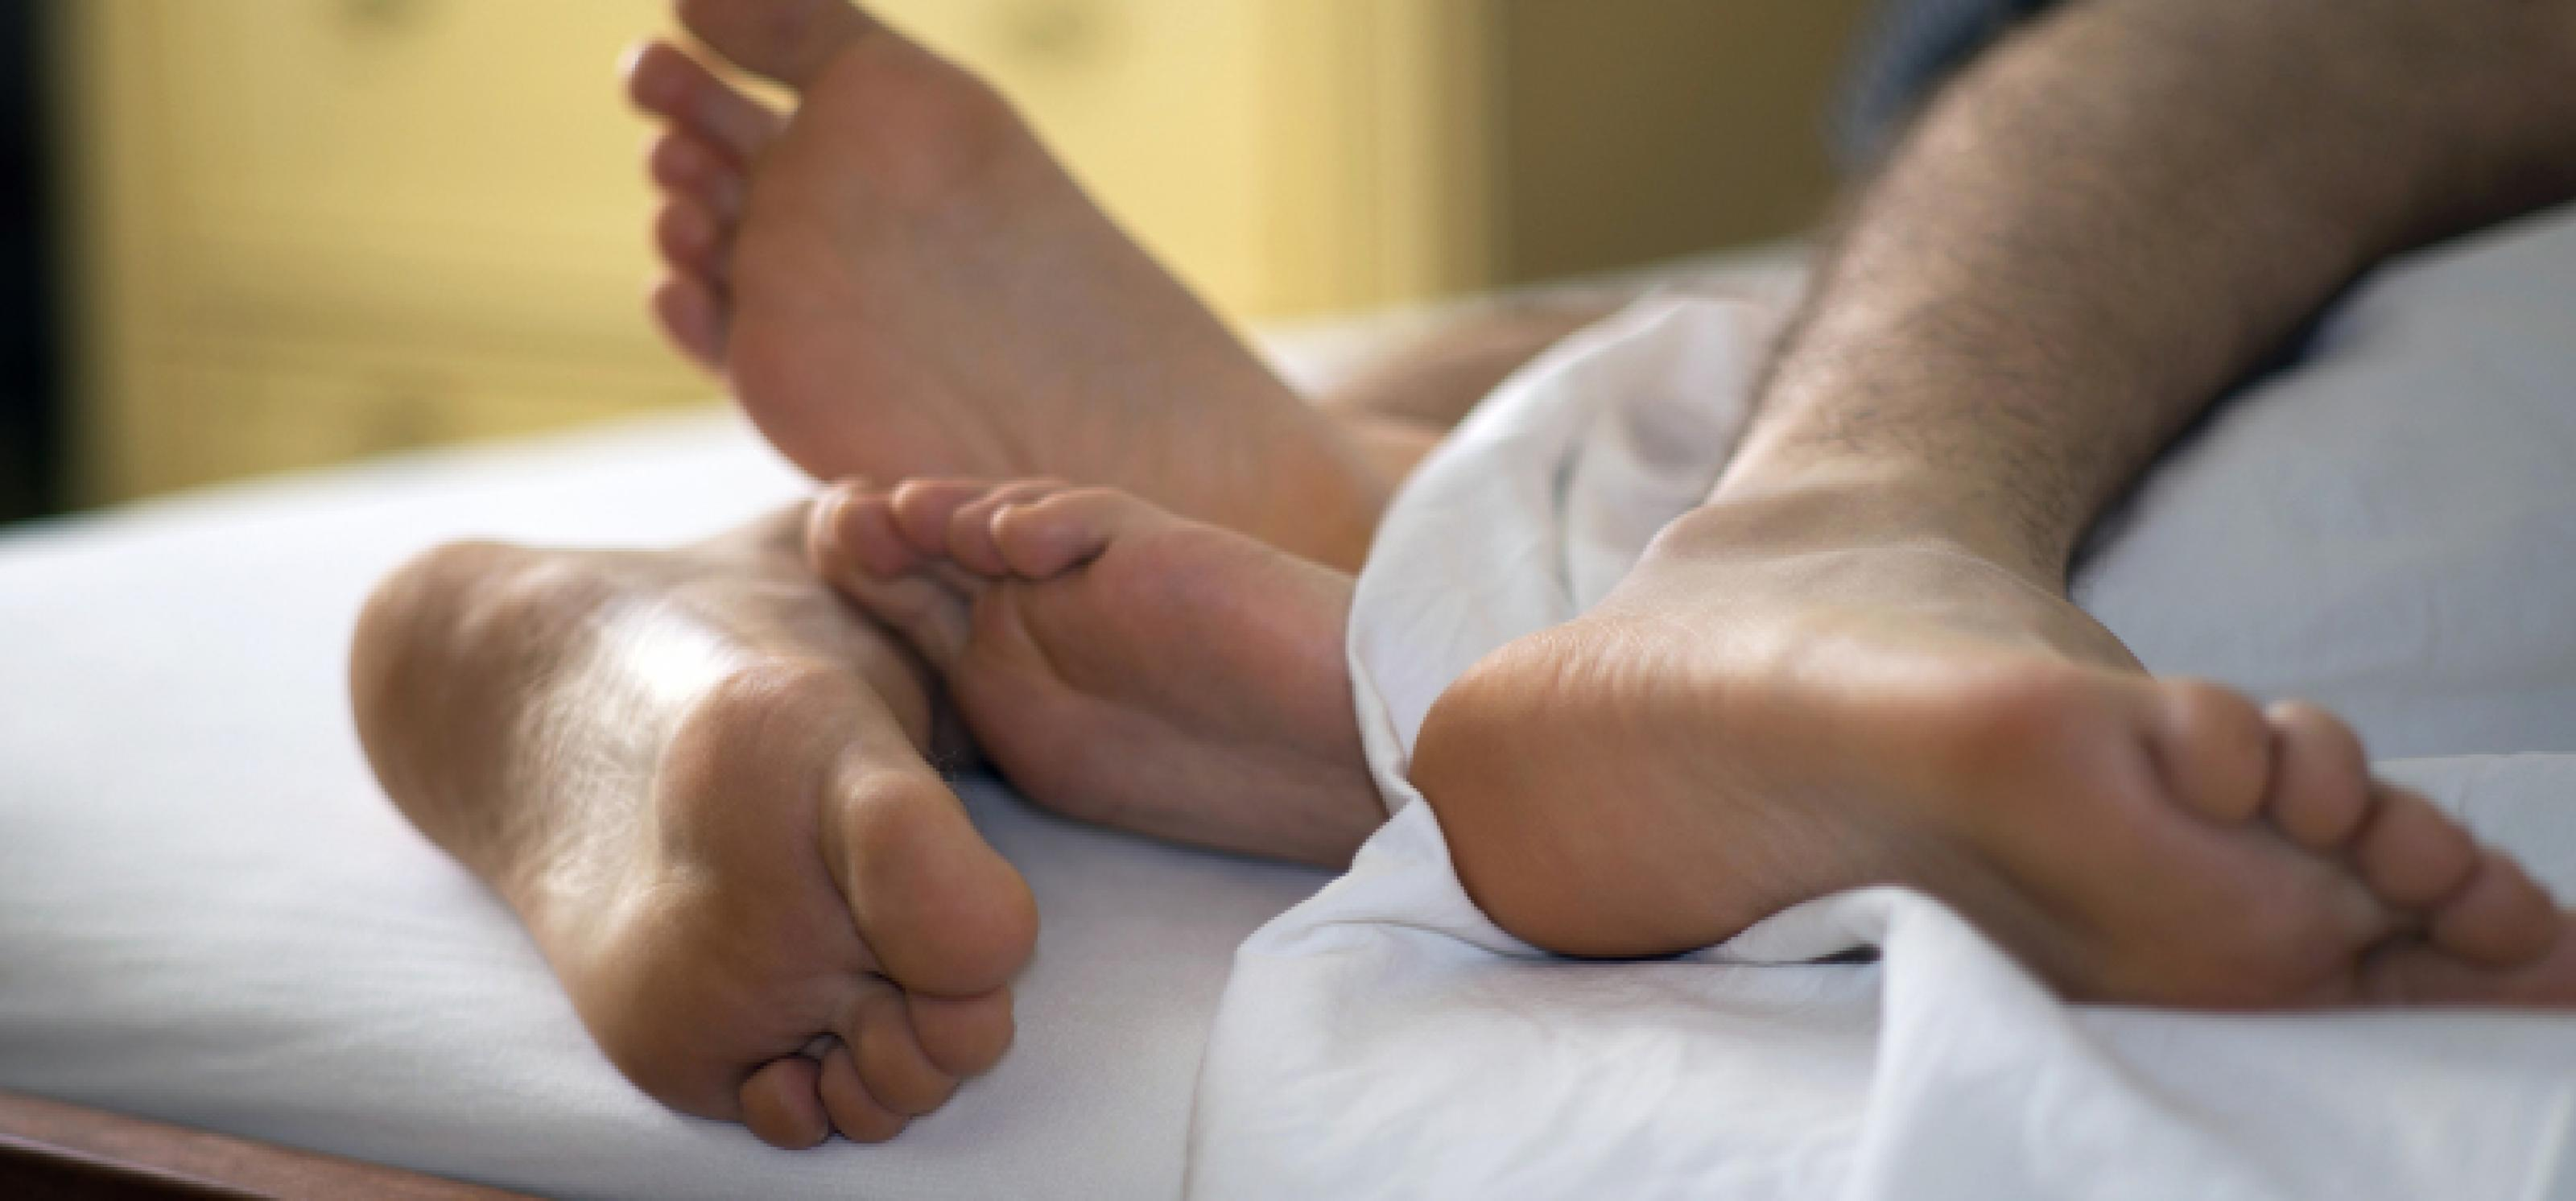 Zwei Paar Füße ragen unter einem Bettlaken hervor